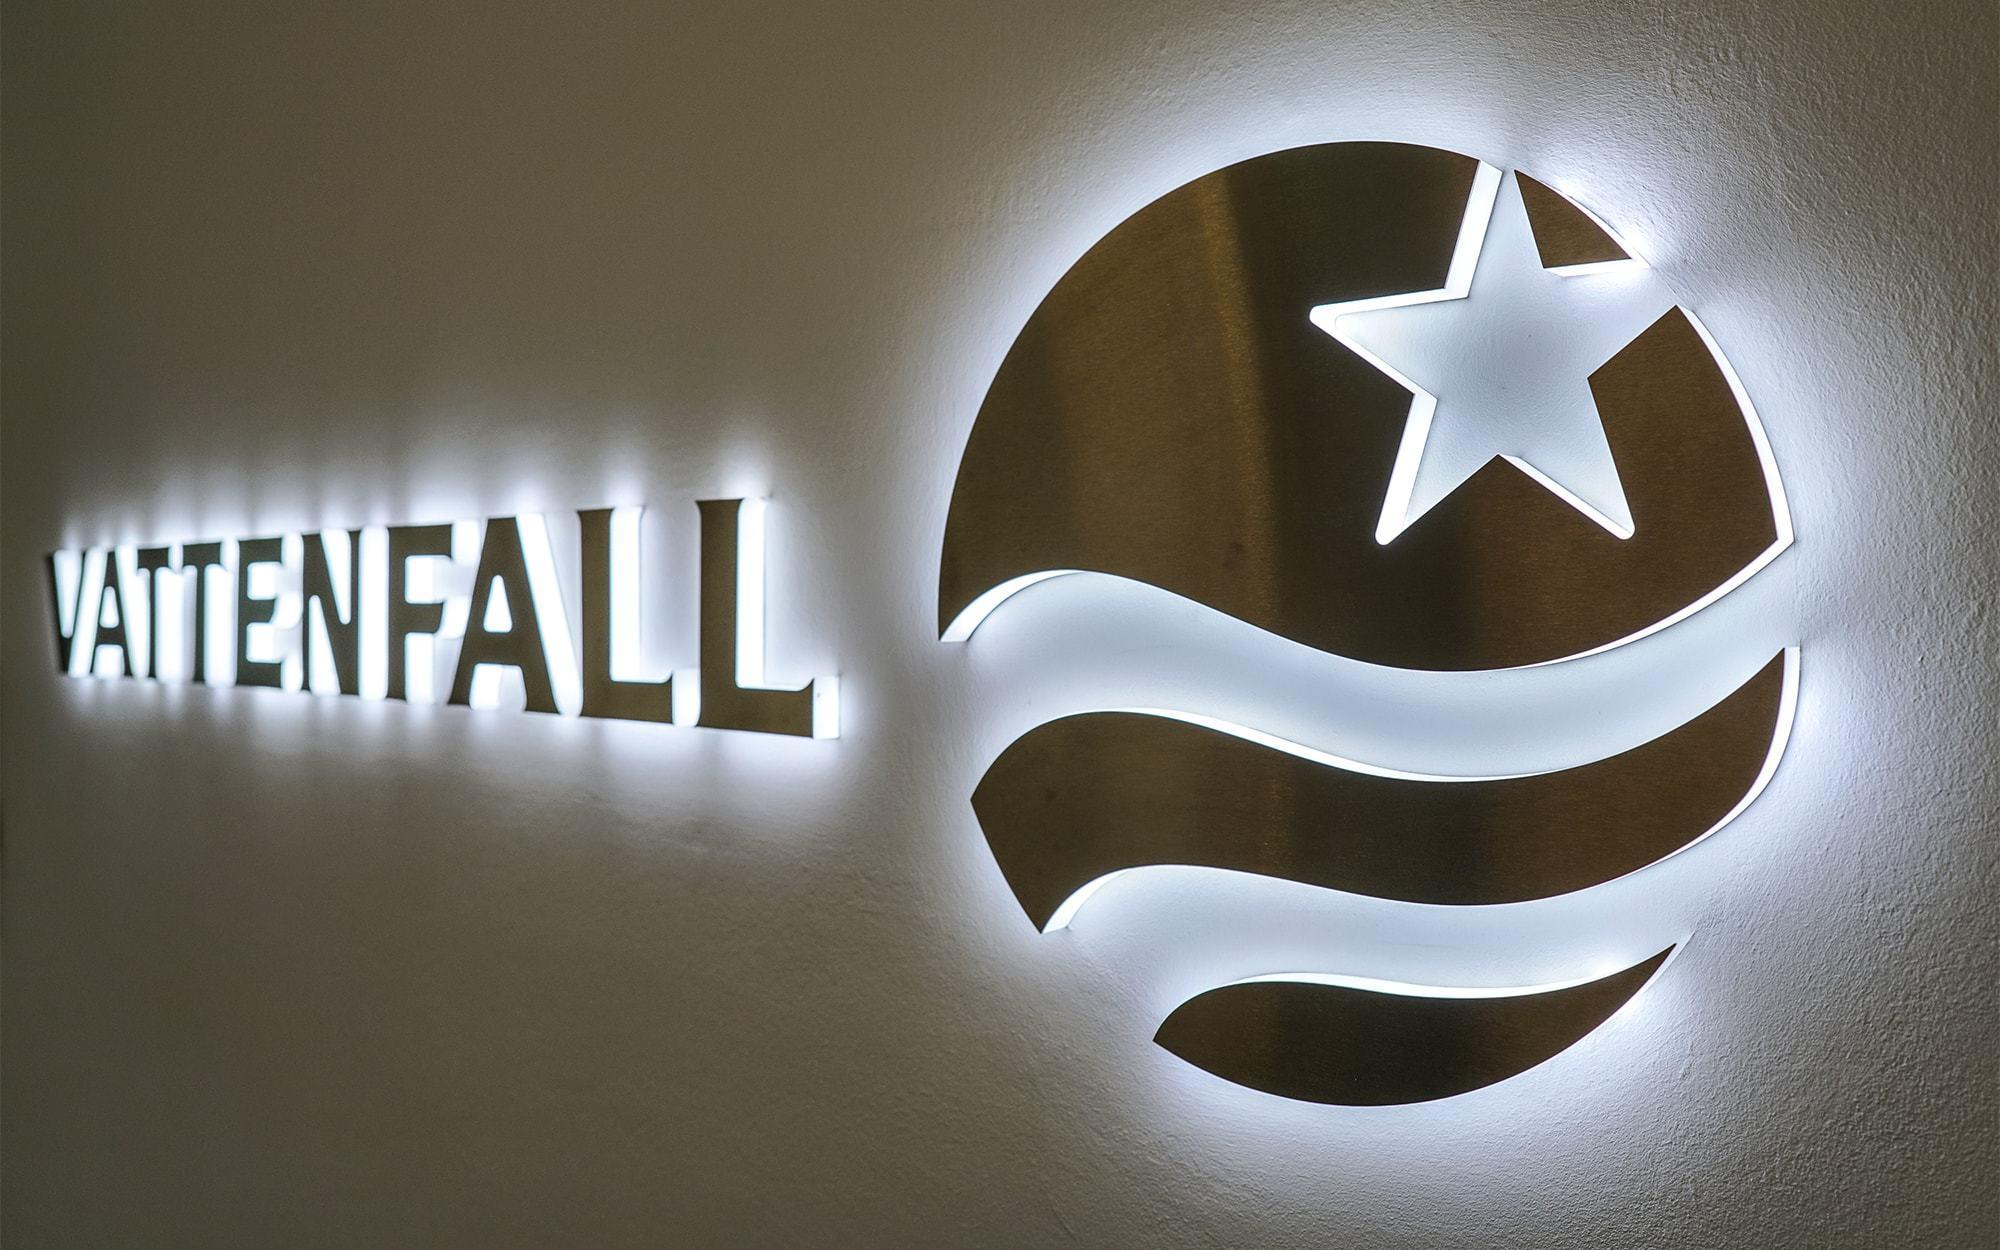 Vollplexi Buchstaben mit einer Front aus aufgeklebtem Edelstahl. Die Buchstaben liegen plan auf der Wand und haben einen seitlichen Lichtaustritt